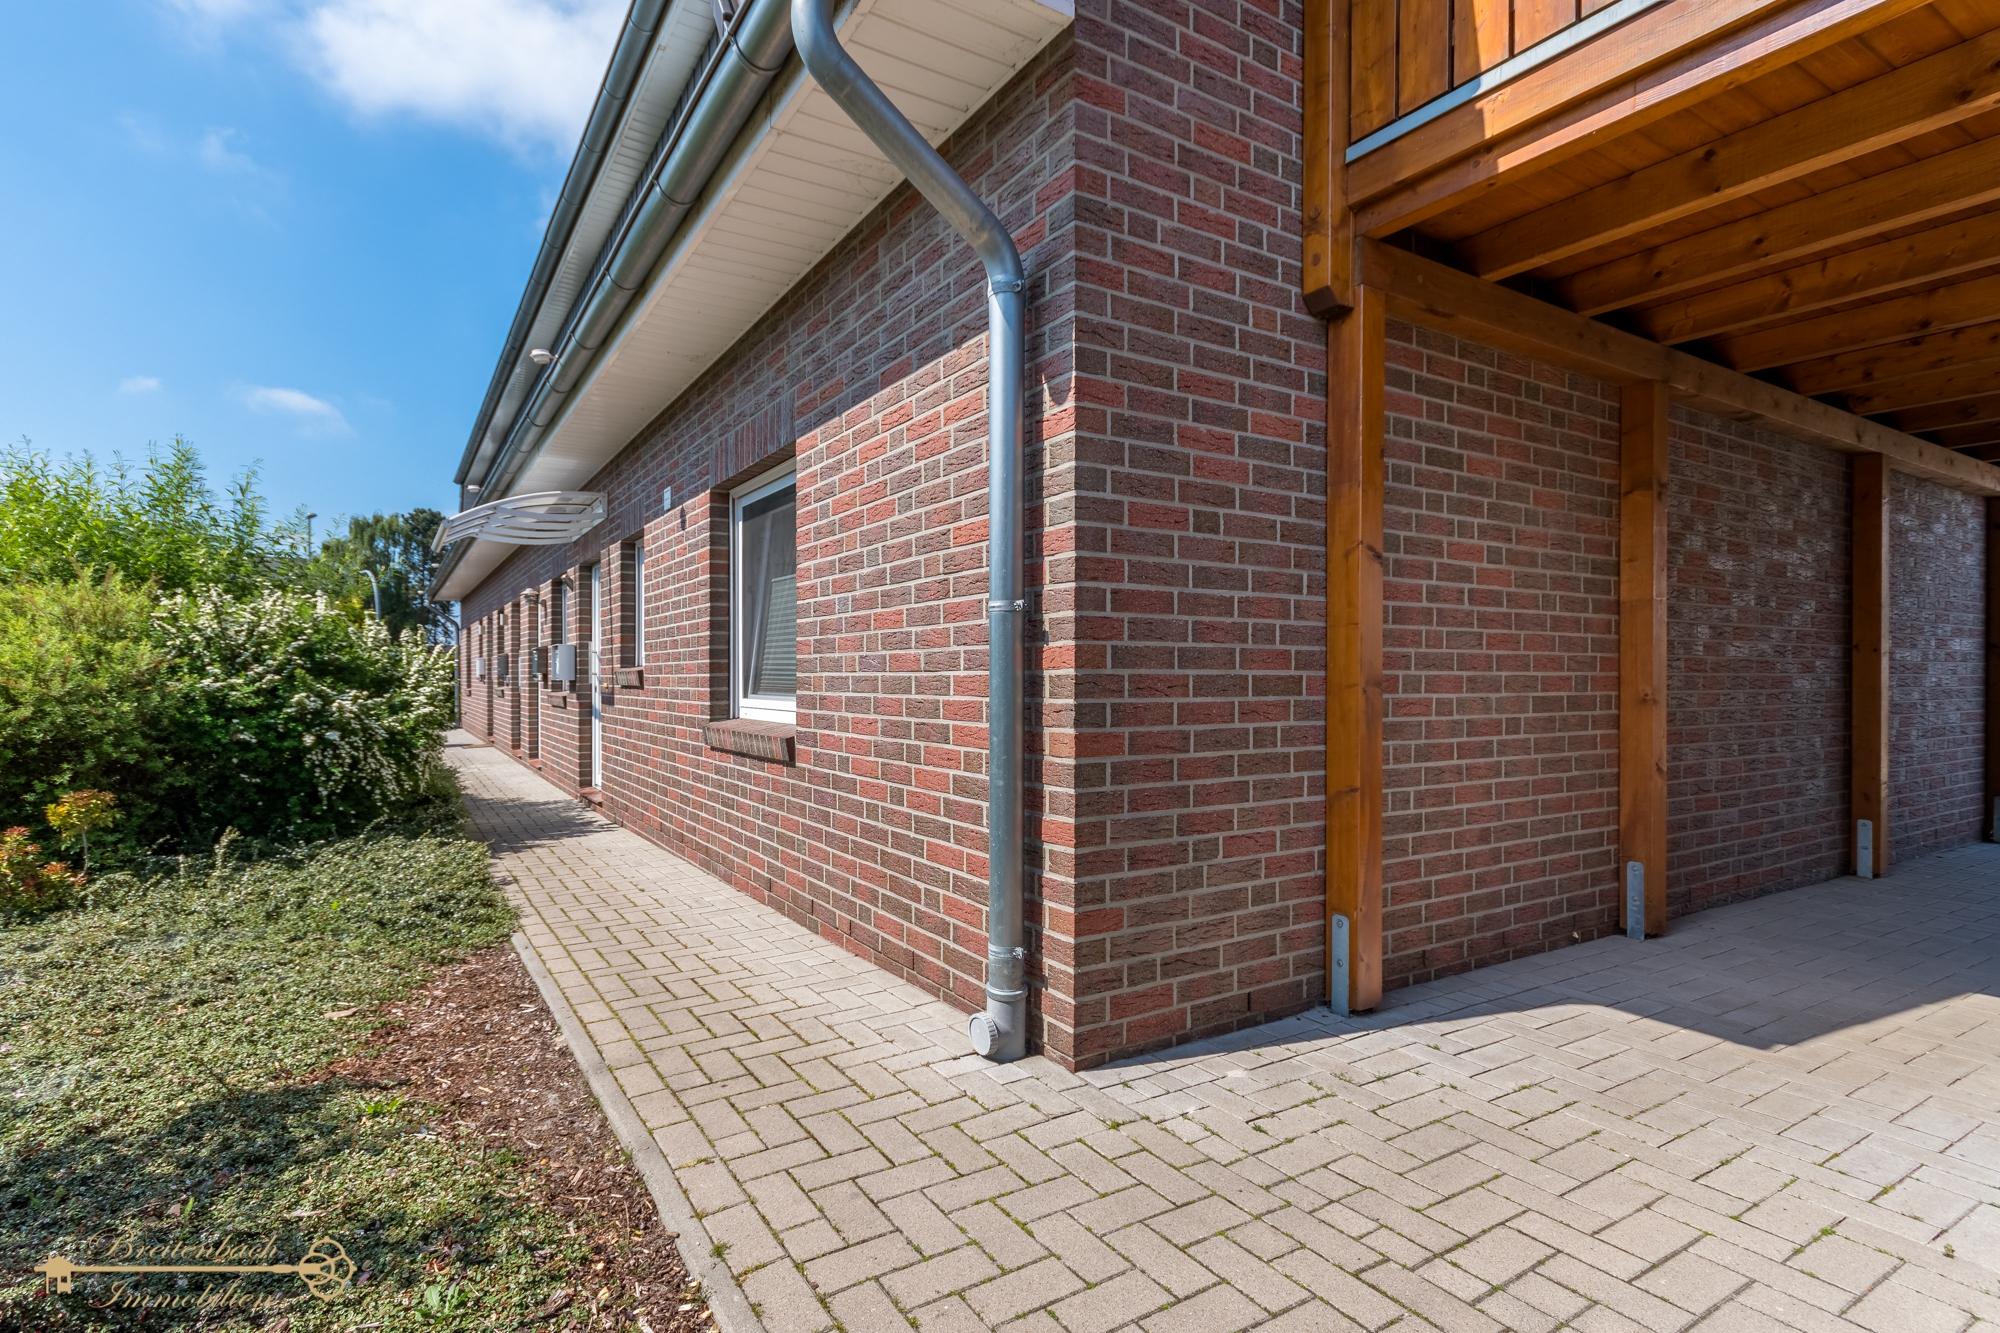 2020-05-26-Breitenbach-Immobilien-19